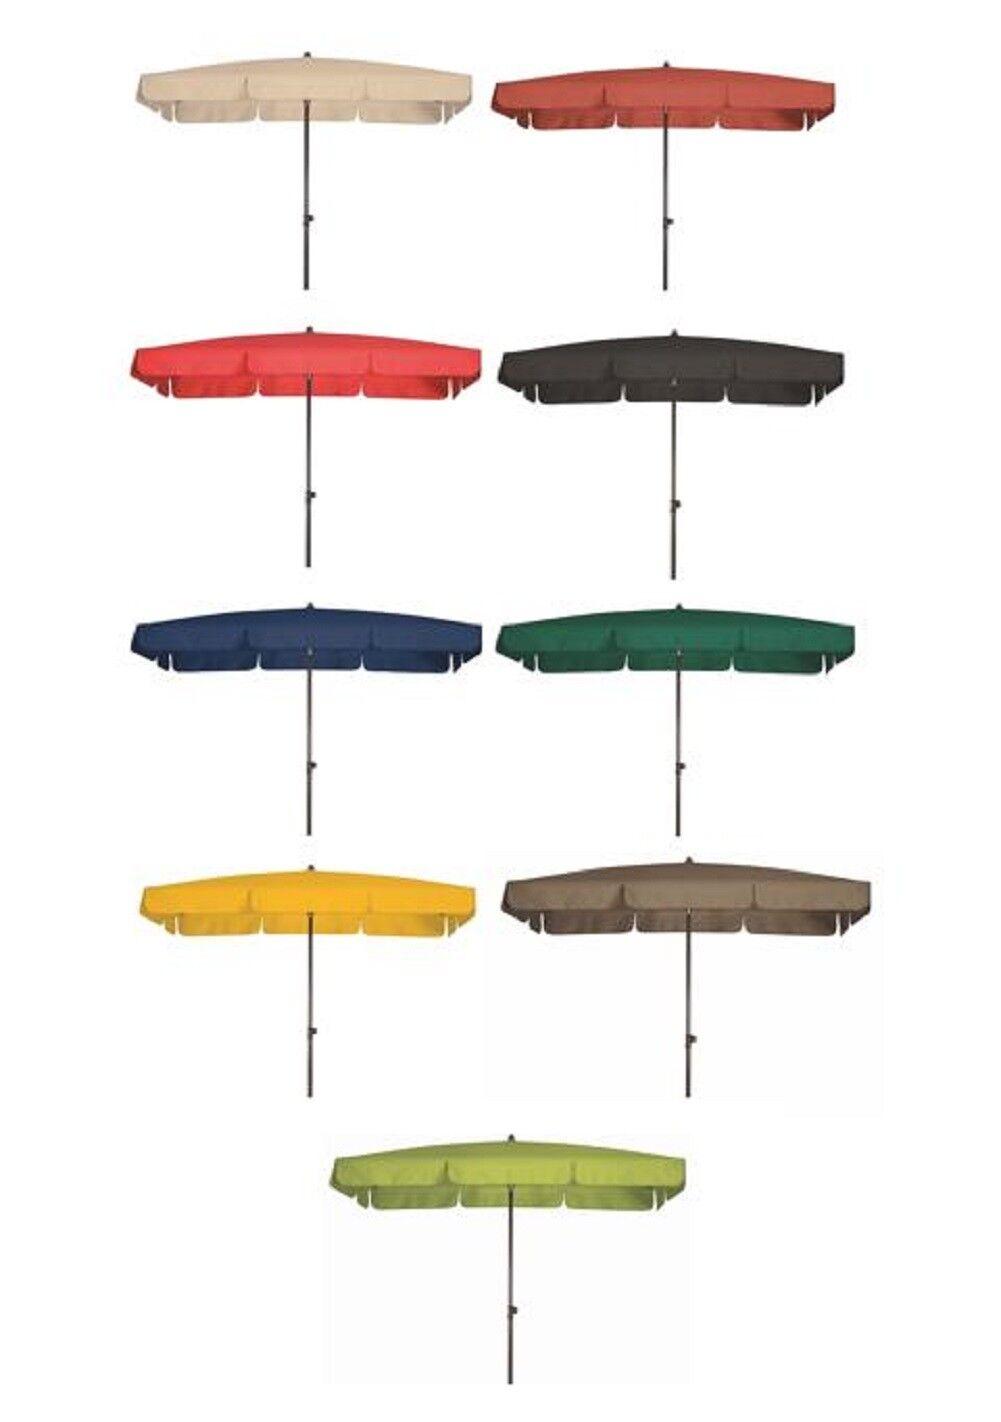 sonnenschirm wasserdicht test vergleich sonnenschirm wasserdicht g nstig kaufen. Black Bedroom Furniture Sets. Home Design Ideas